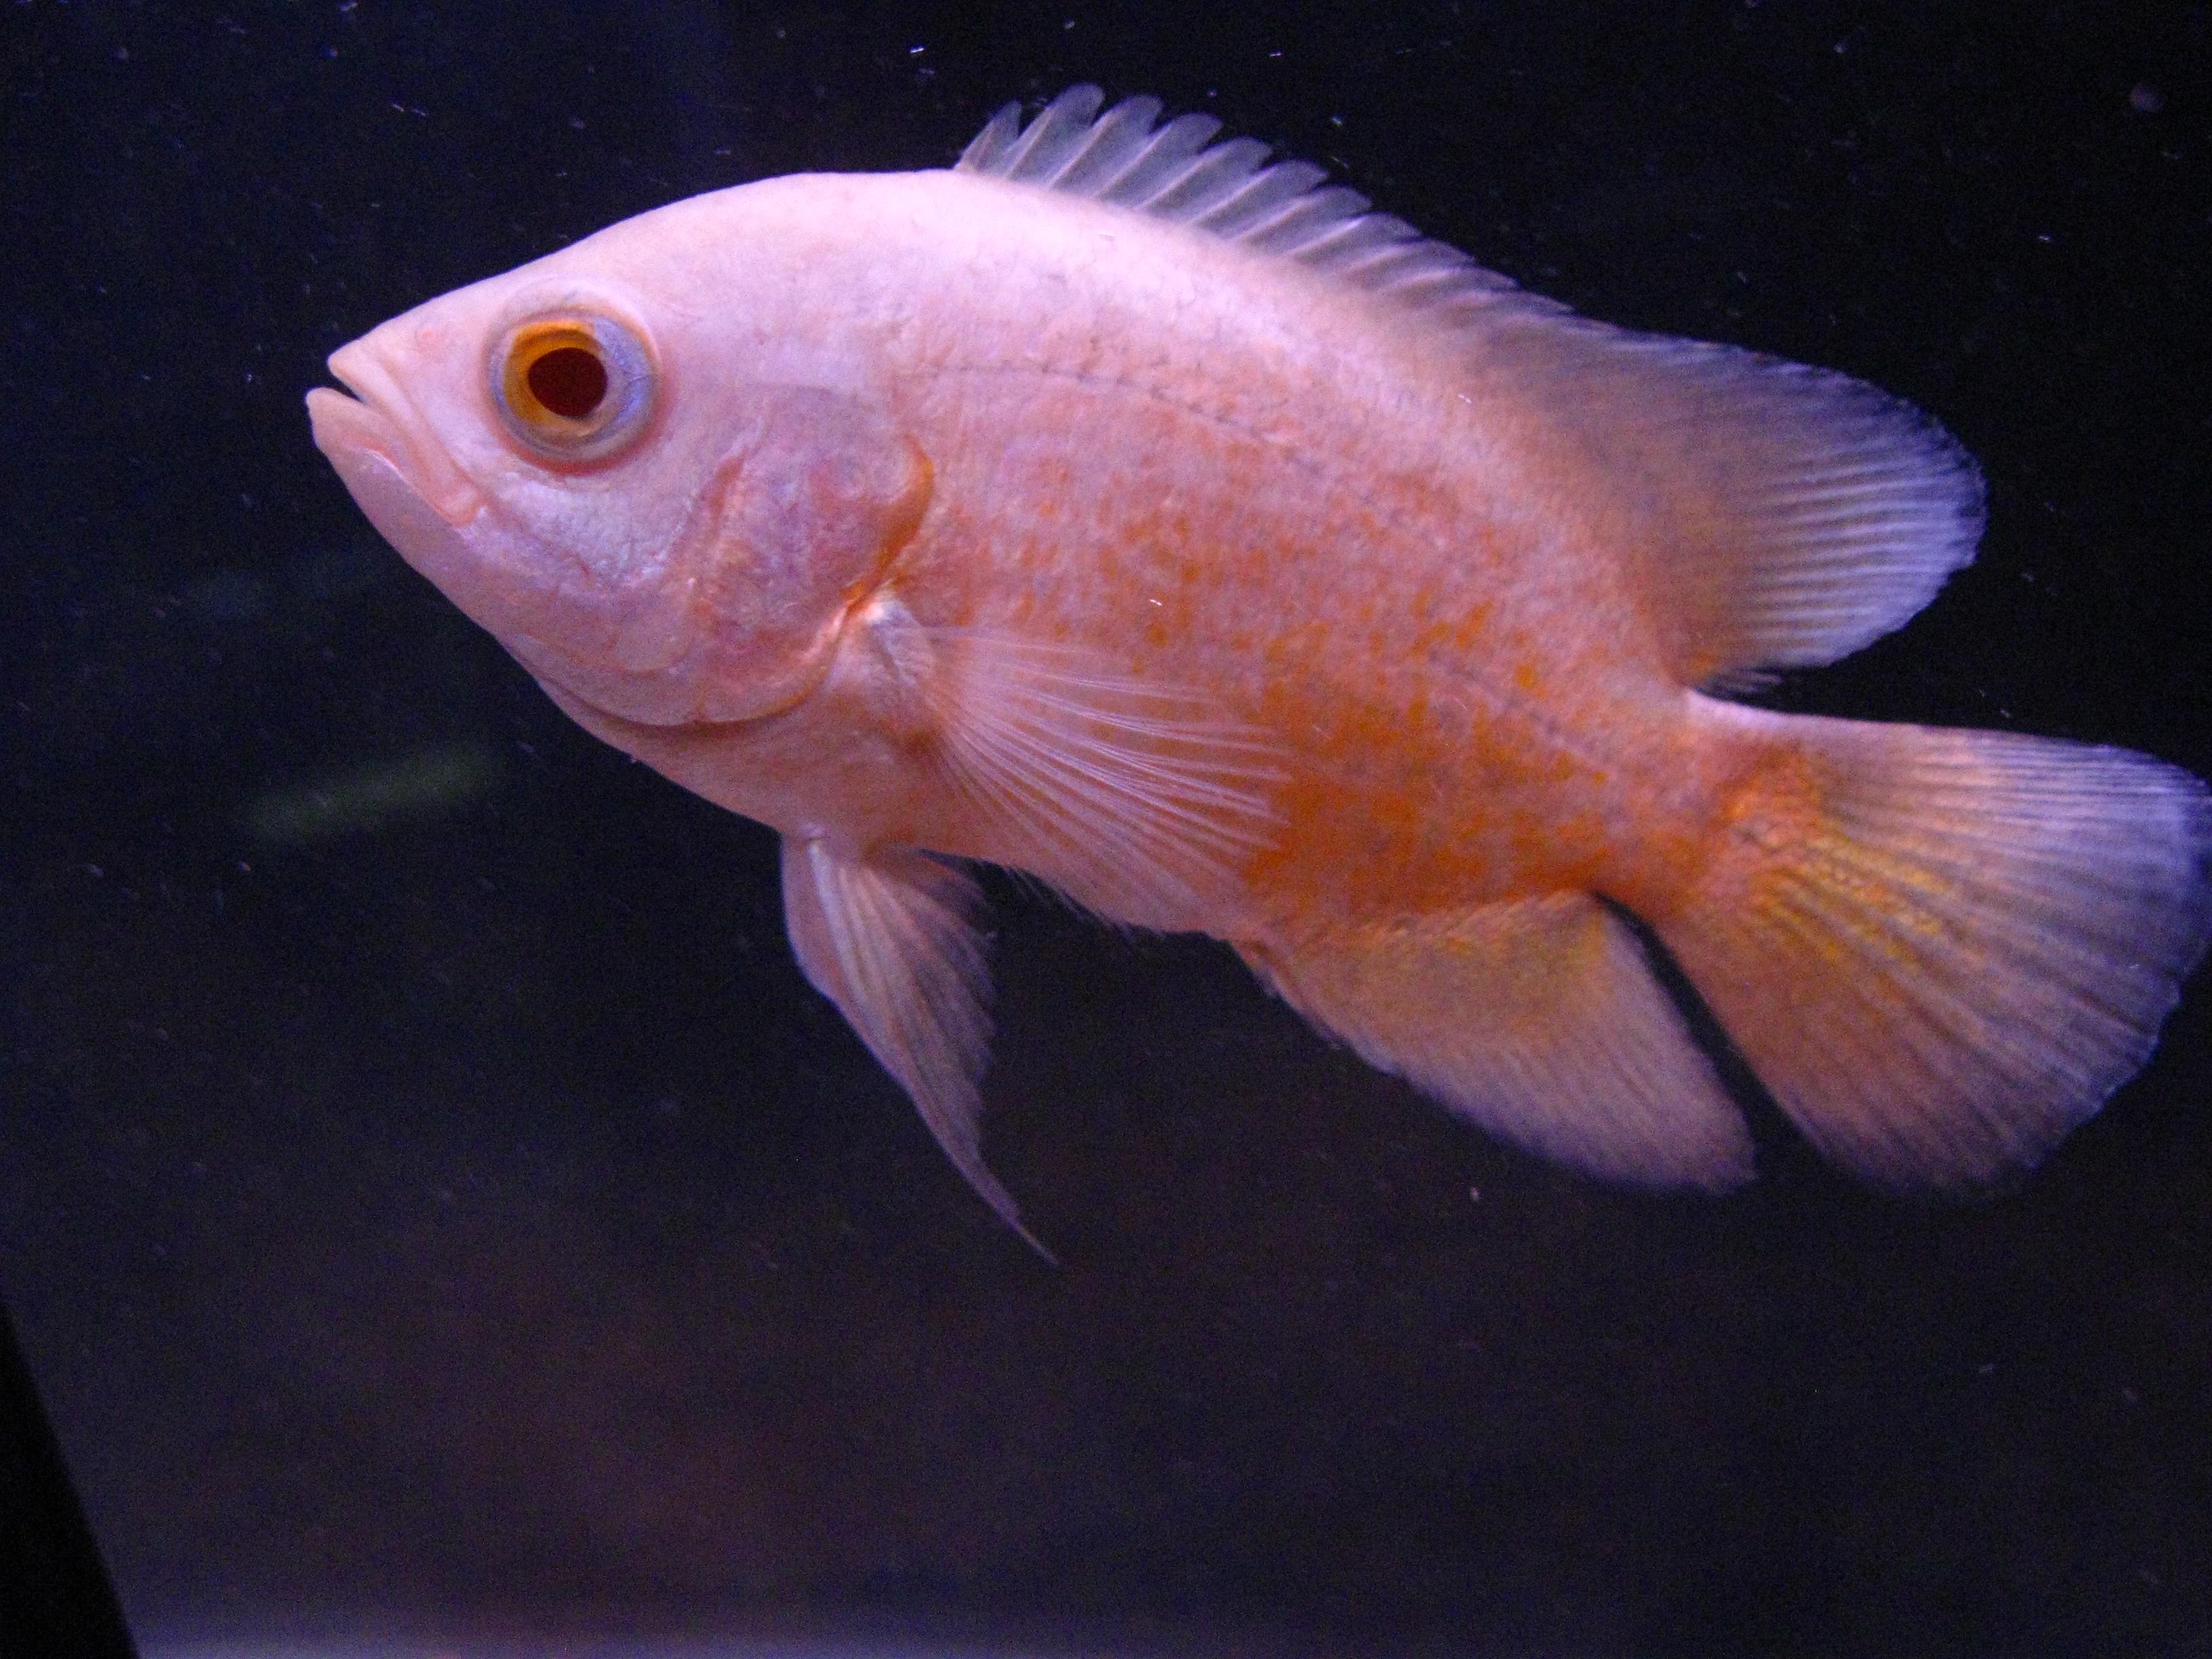 lemon oscar fish - photo #10